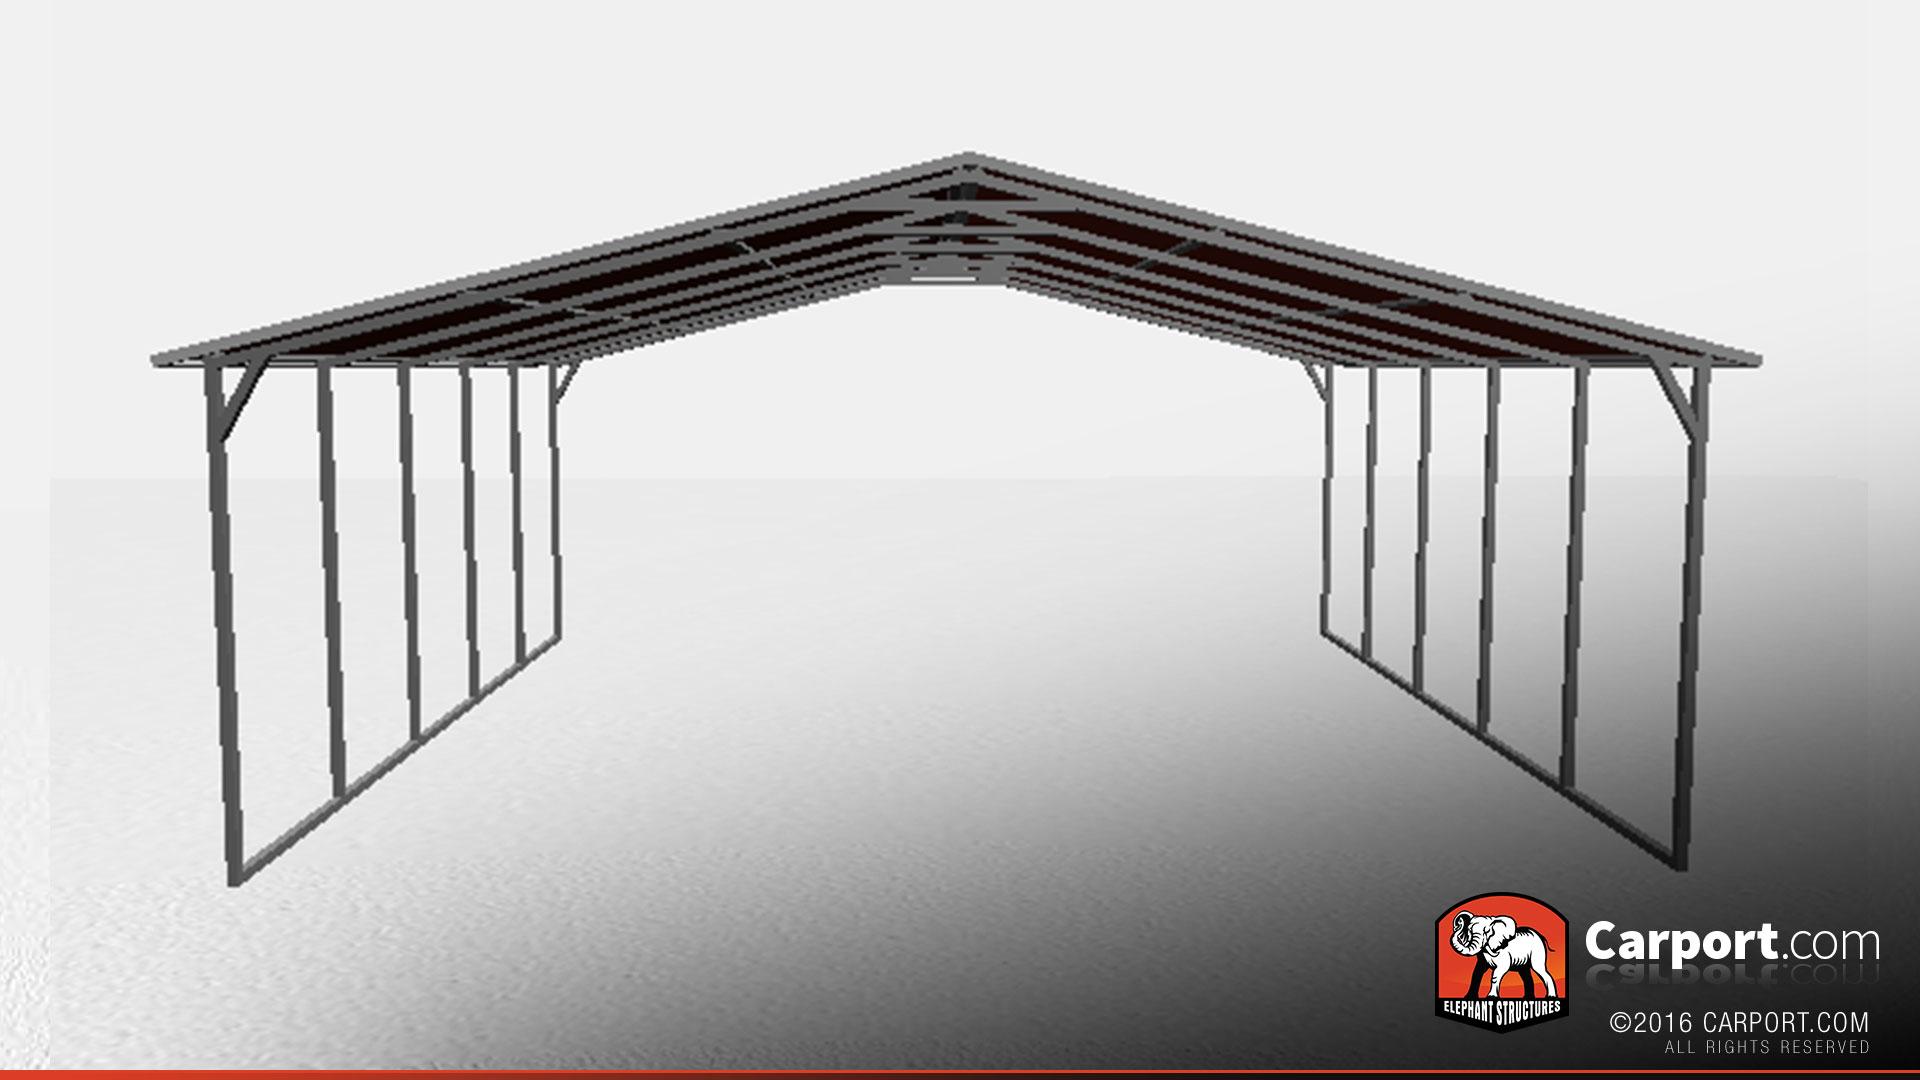 26 X 21 Triple Wide Open Steel Carport Shop Metal